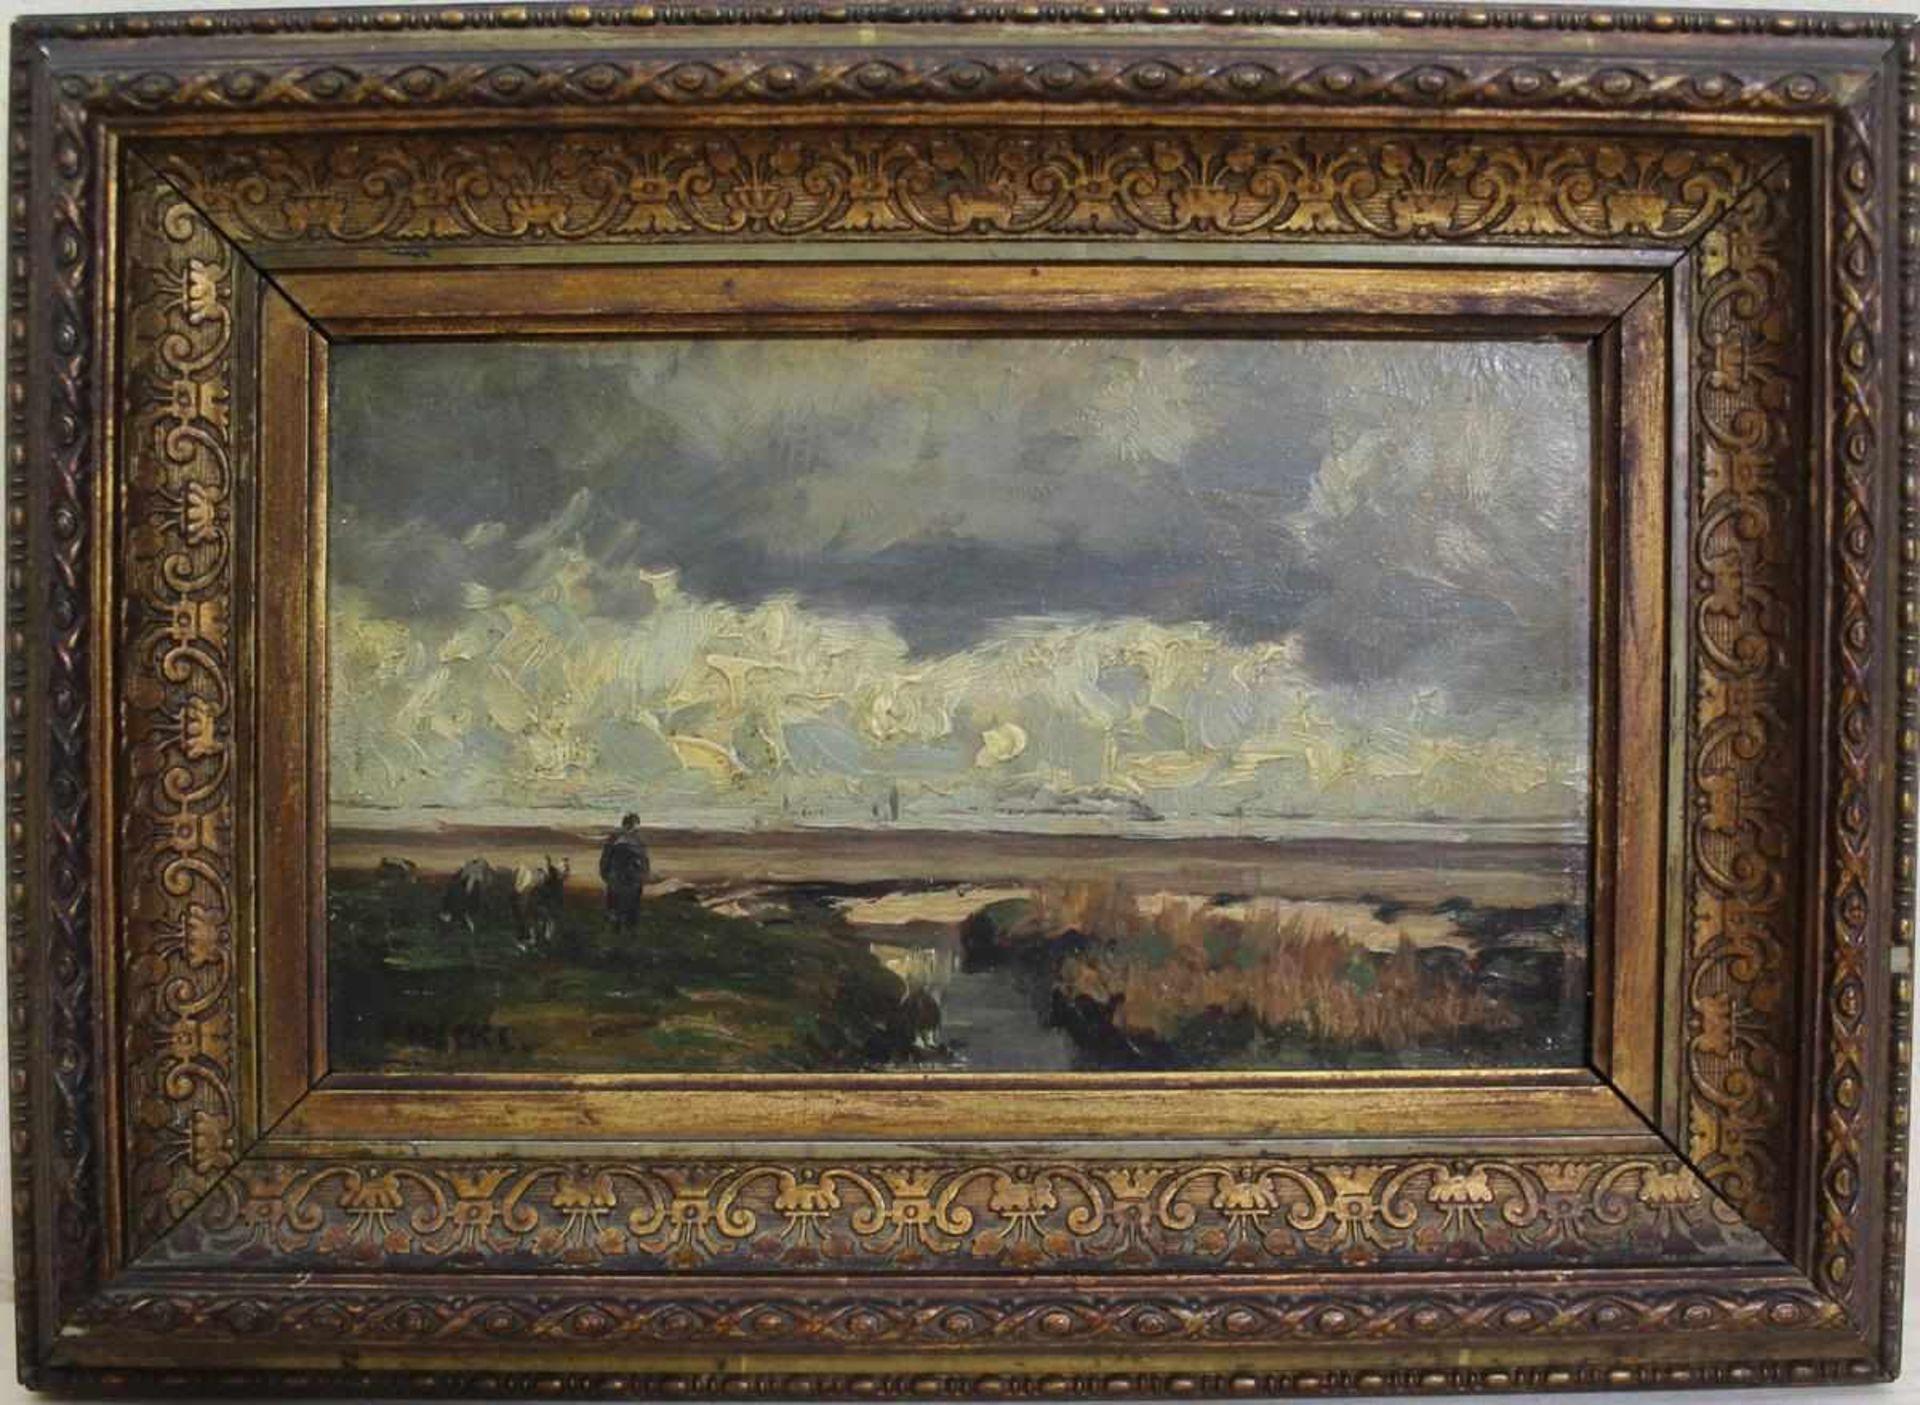 August Triebe: Ölgemälde Motiv von der Nordsee, Öl auf Holzplatte, Original Holzrahmen, ca. 9 x 16